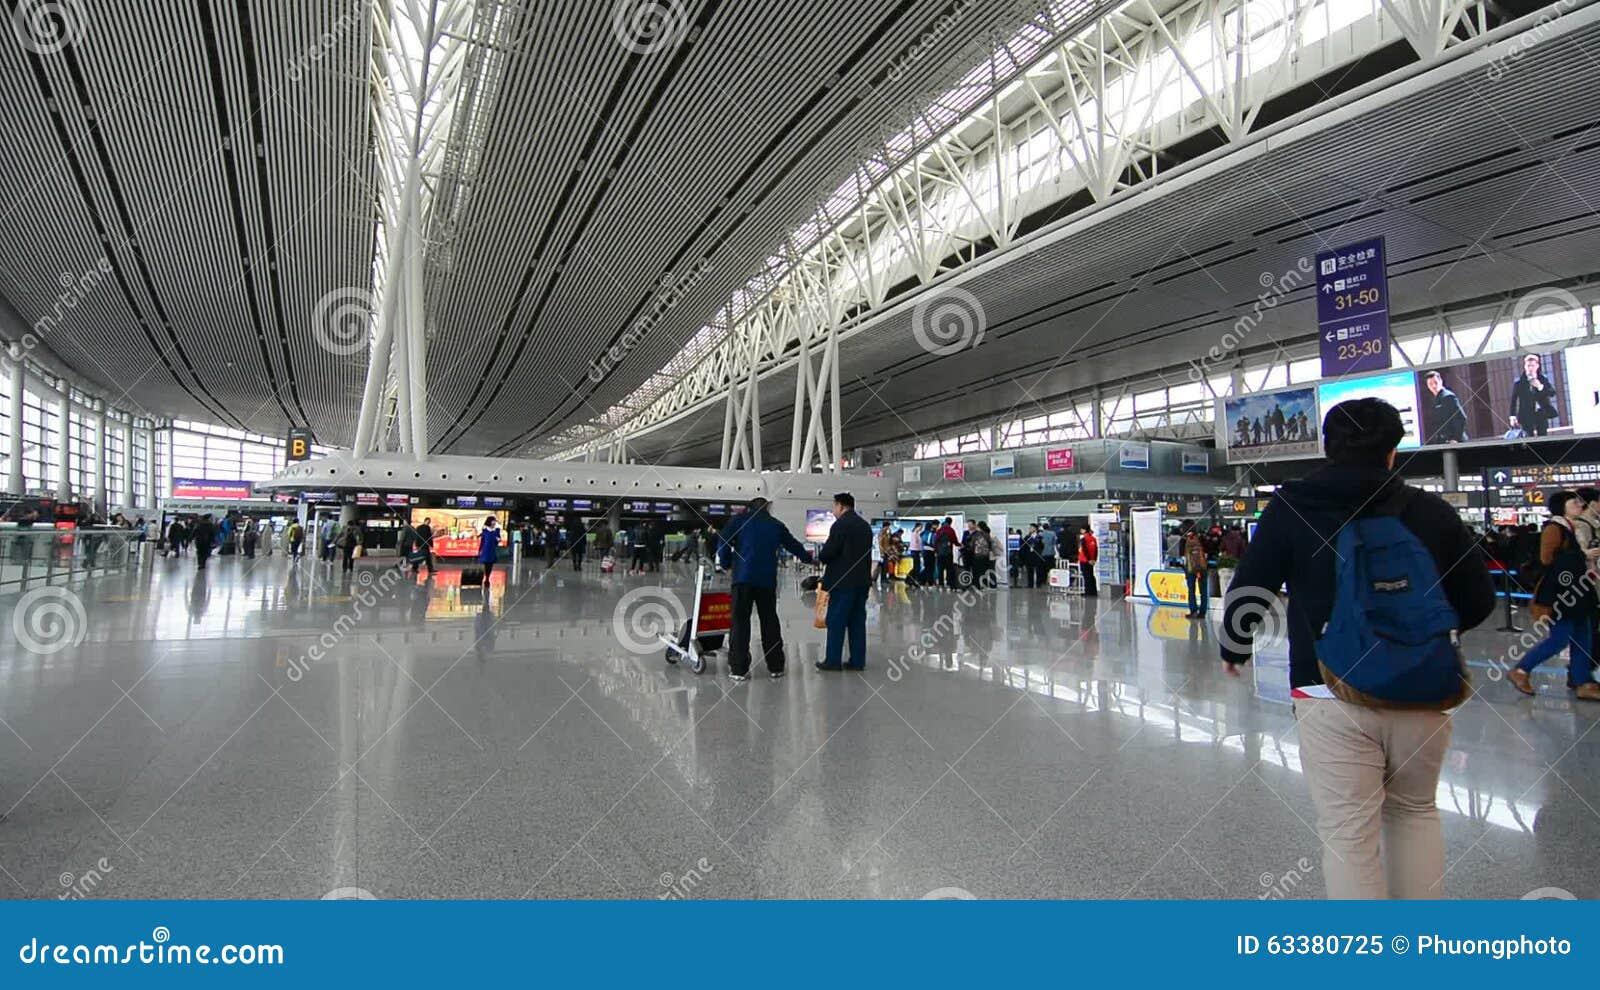 Aeroporto Guangzhou Arrive : Guangzhou baiyun international airport stock video video of